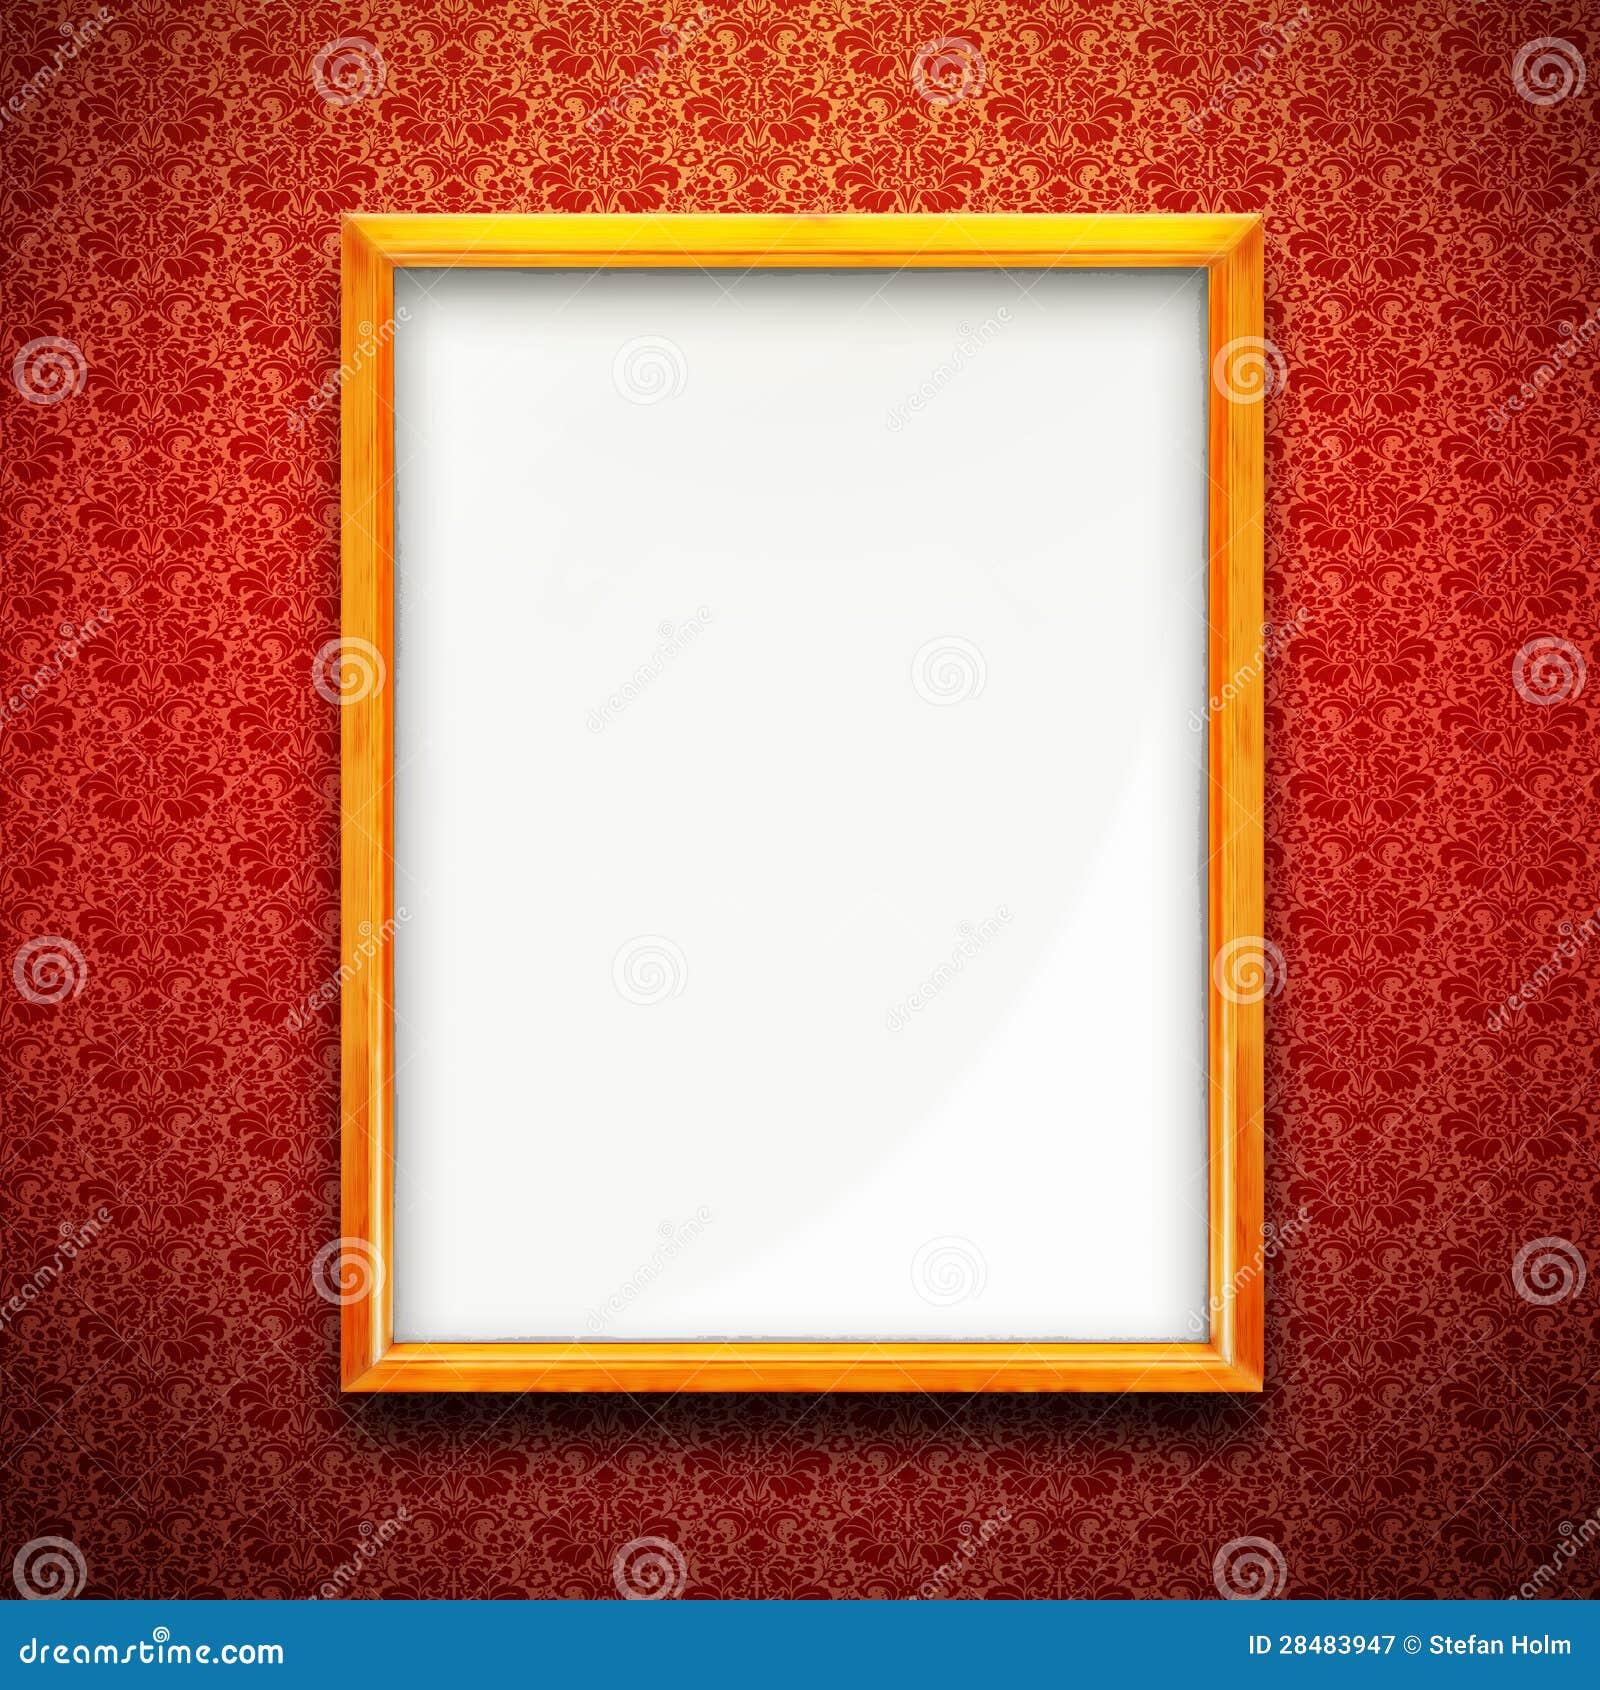 Bilderrahmen Auf Roter Tapete Stock Abbildung - Illustration von ...